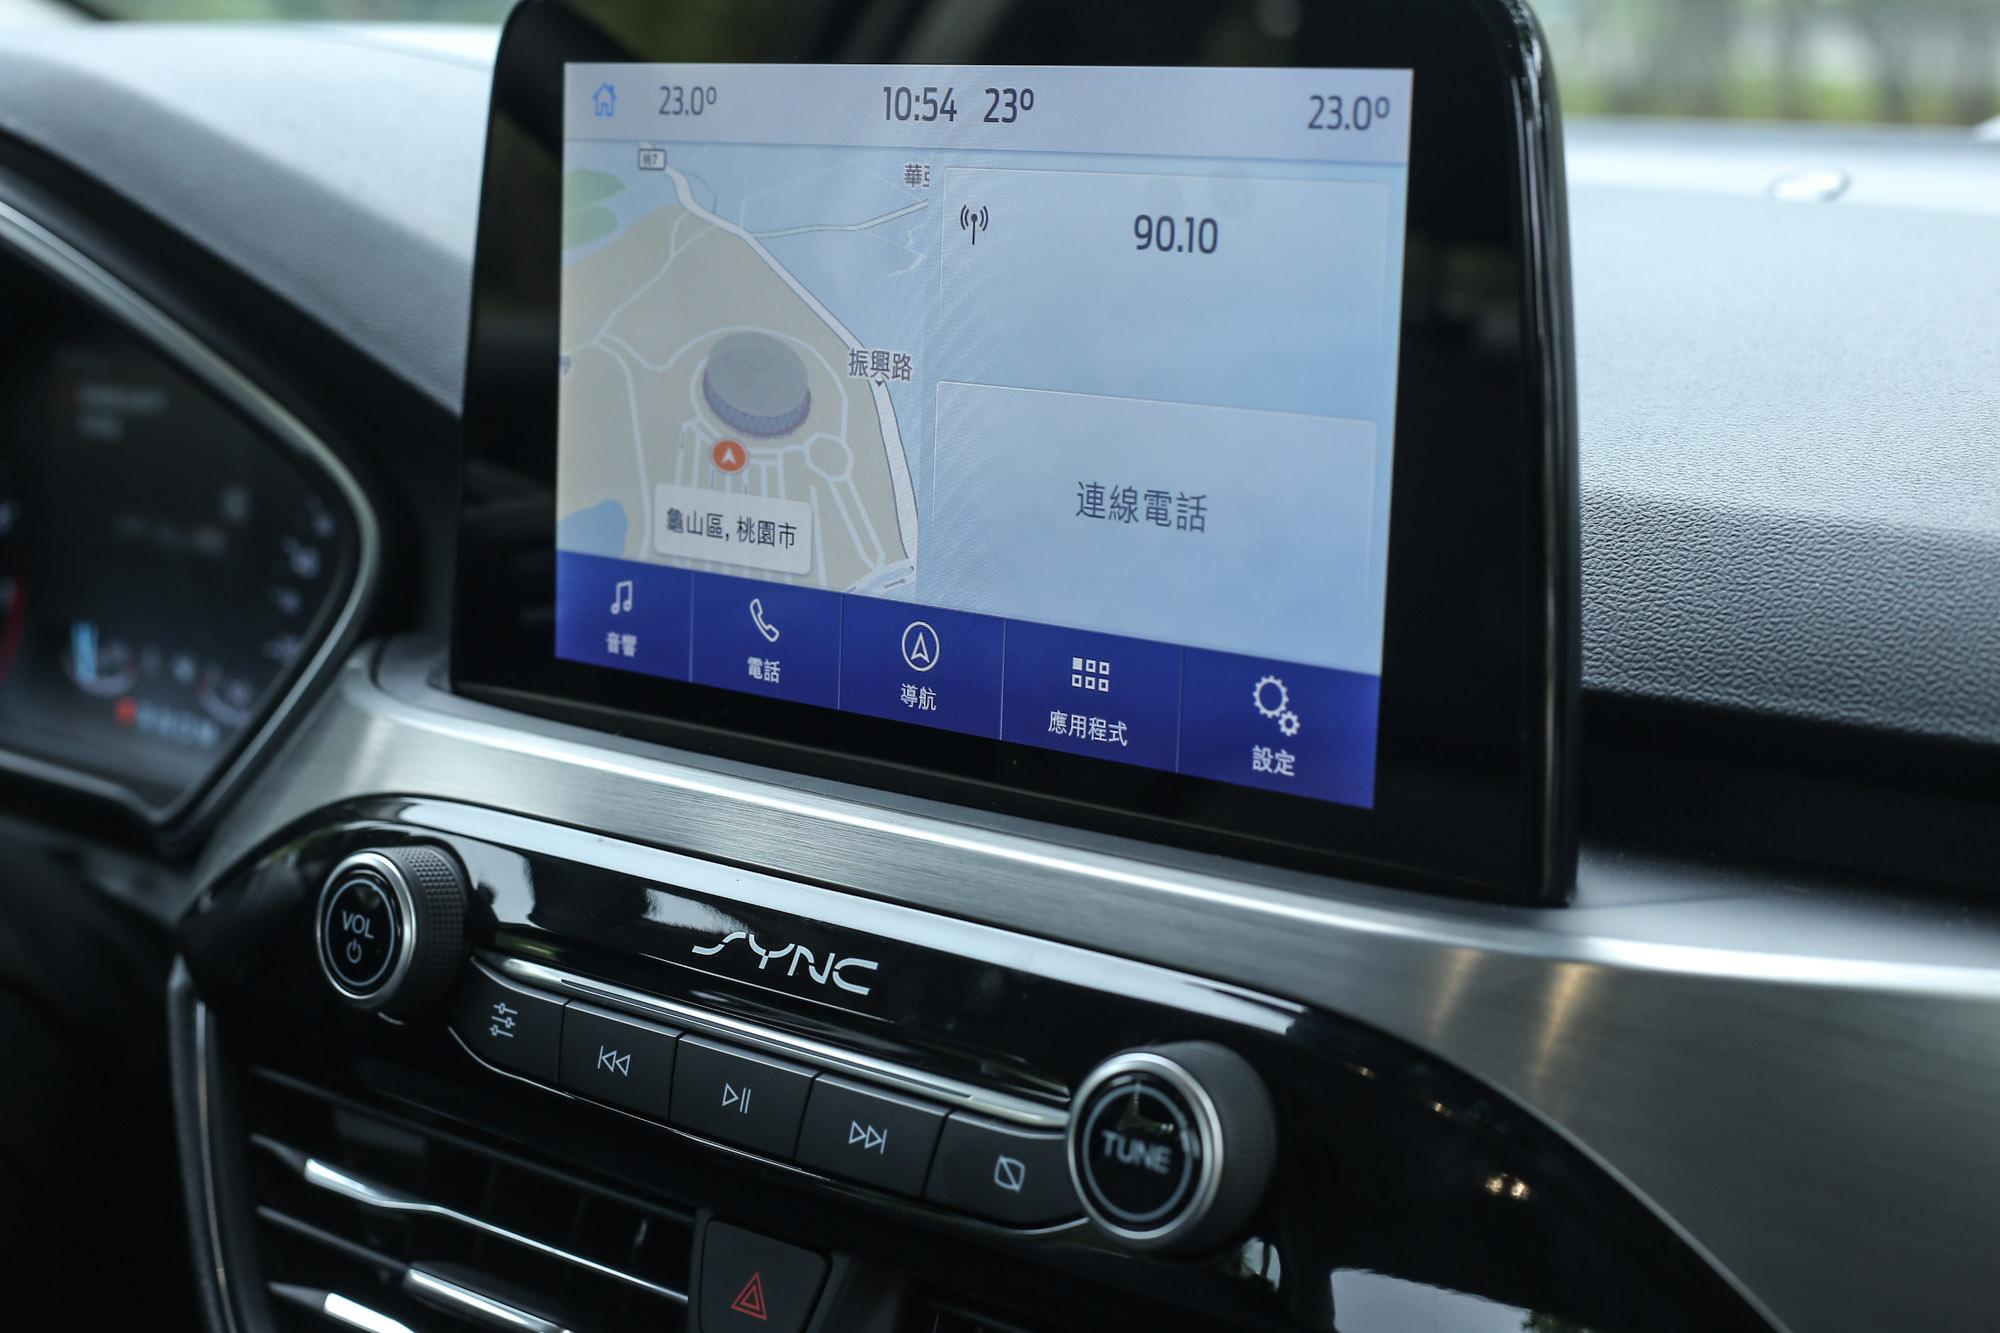 8 吋懸浮式全彩 LCD 觸控螢幕整合 SYNC®3 娛樂通訊整合系統 ,Apple CarPlay 與 Android Auto 功能皆配備。